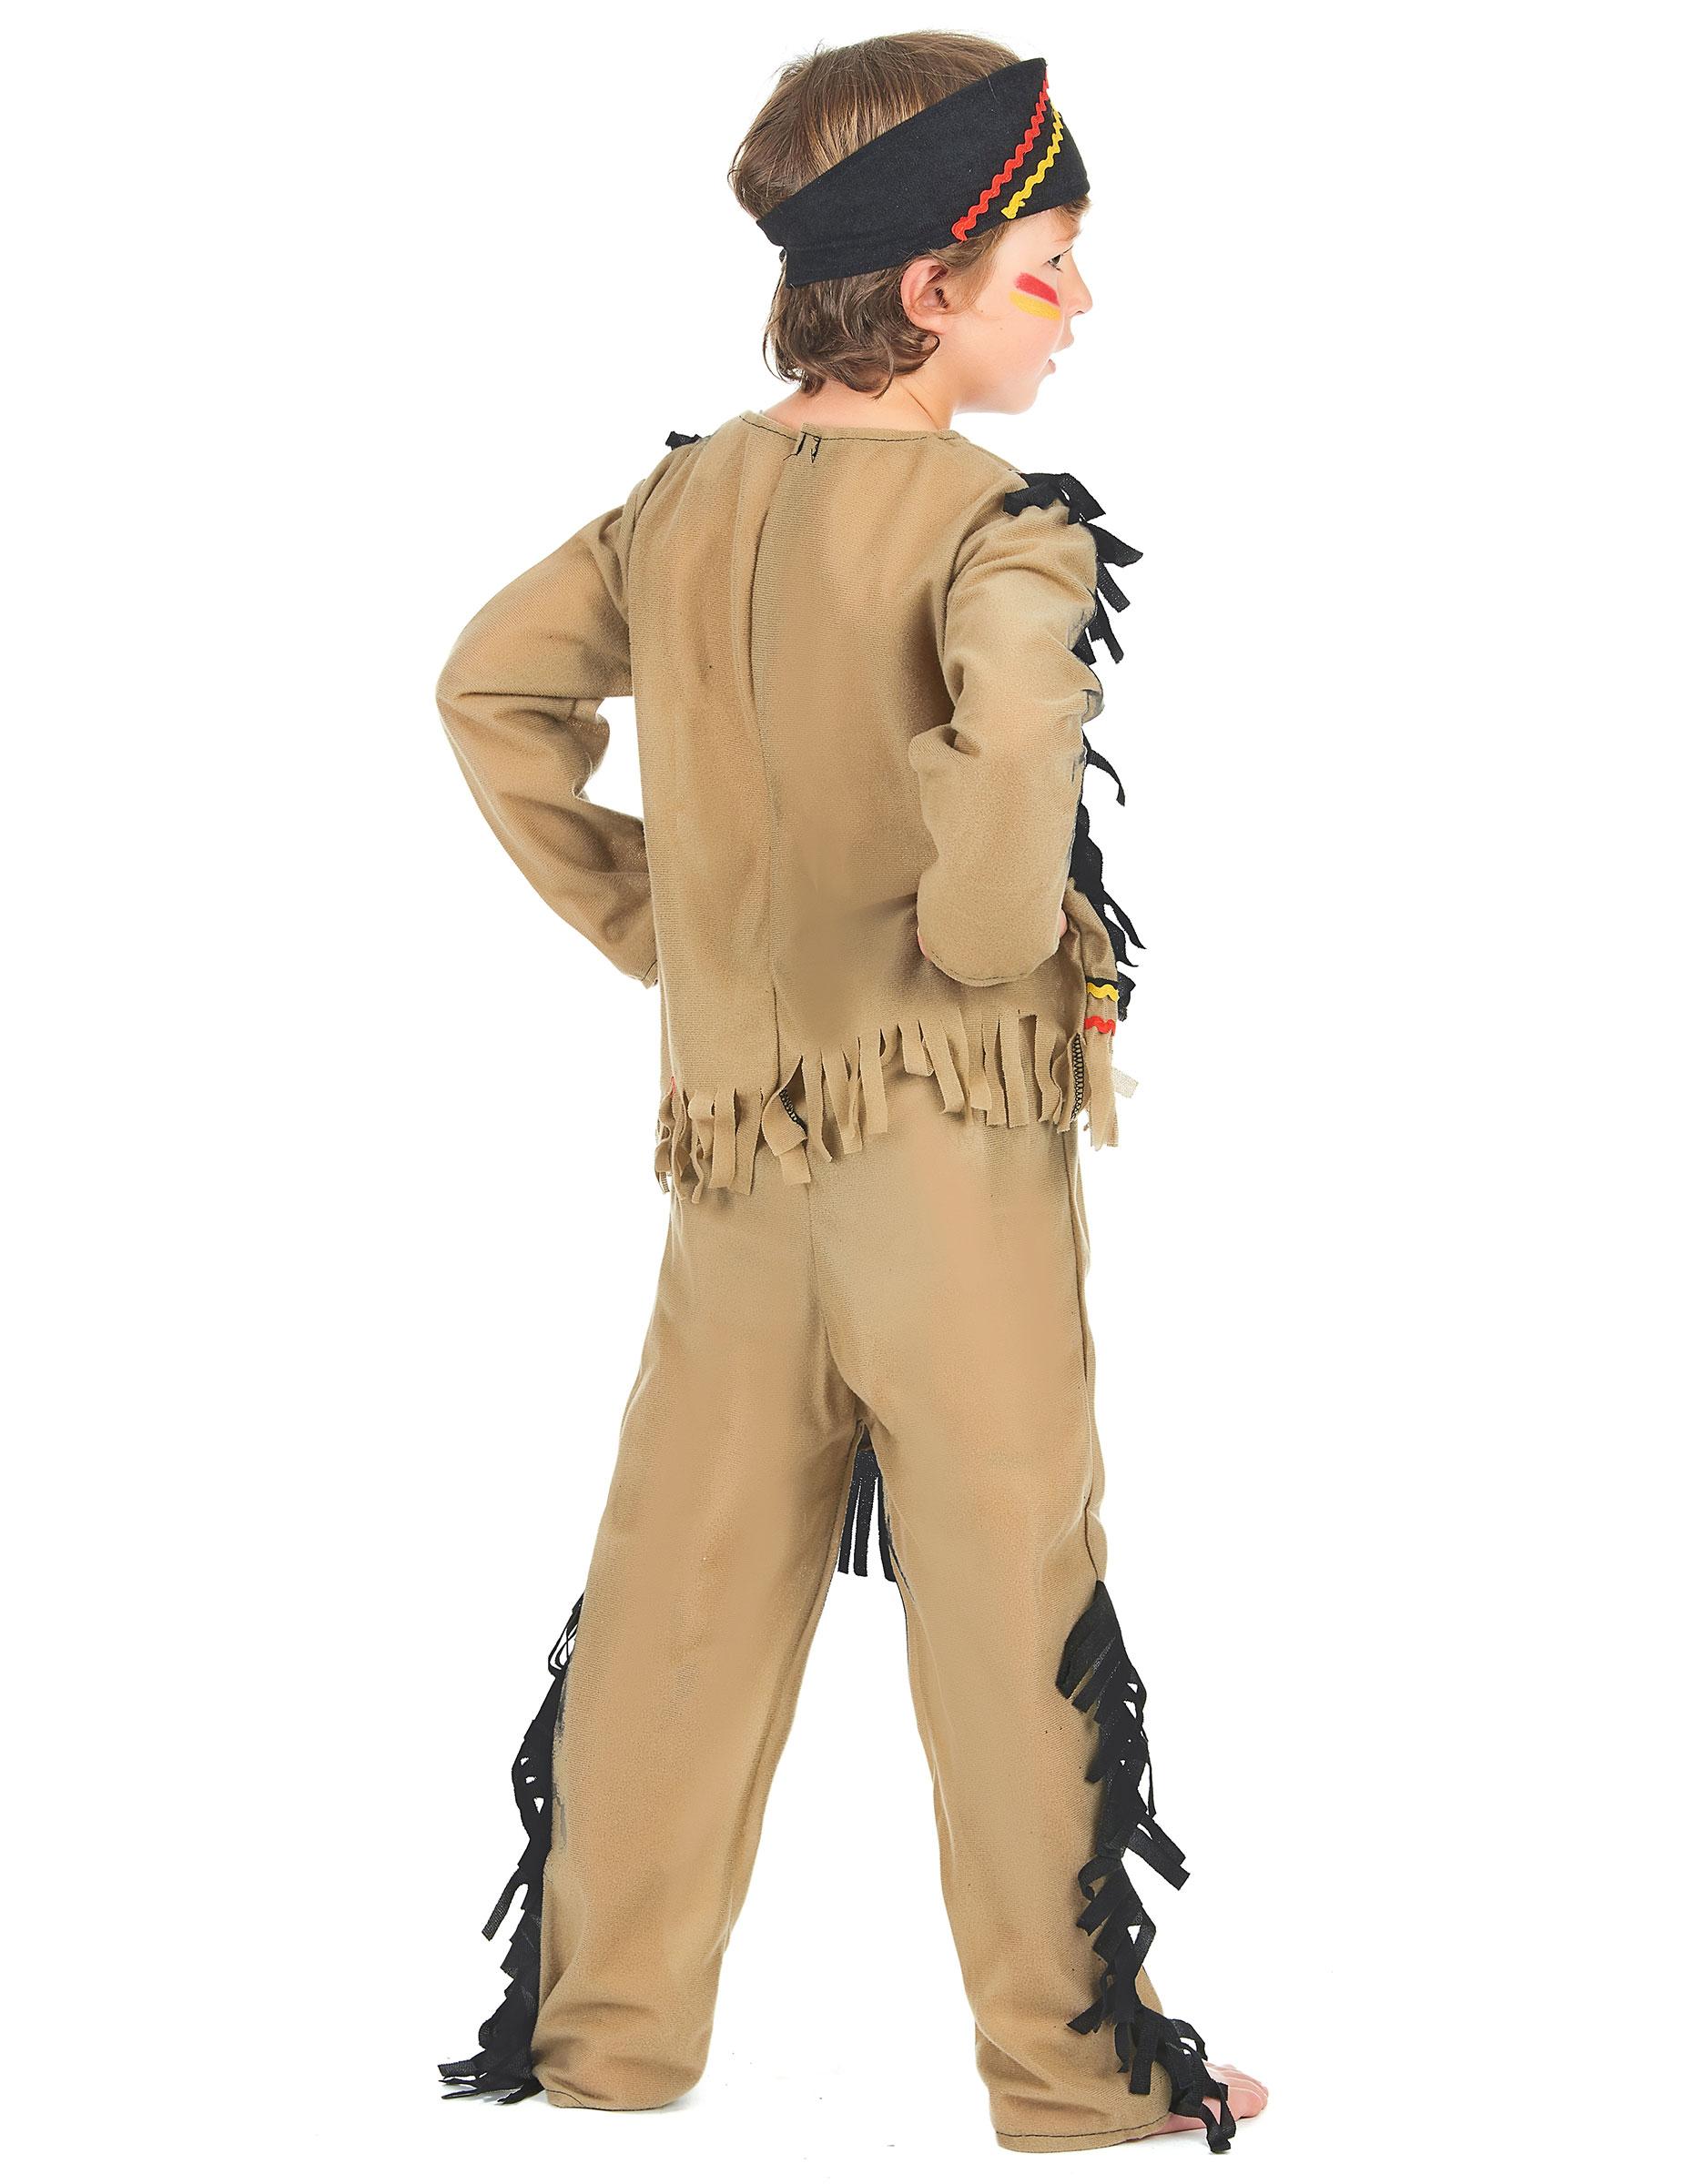 Indianer Kostum Fur Jungen 3 Teilig Beige Kostume Fur Kinder Und